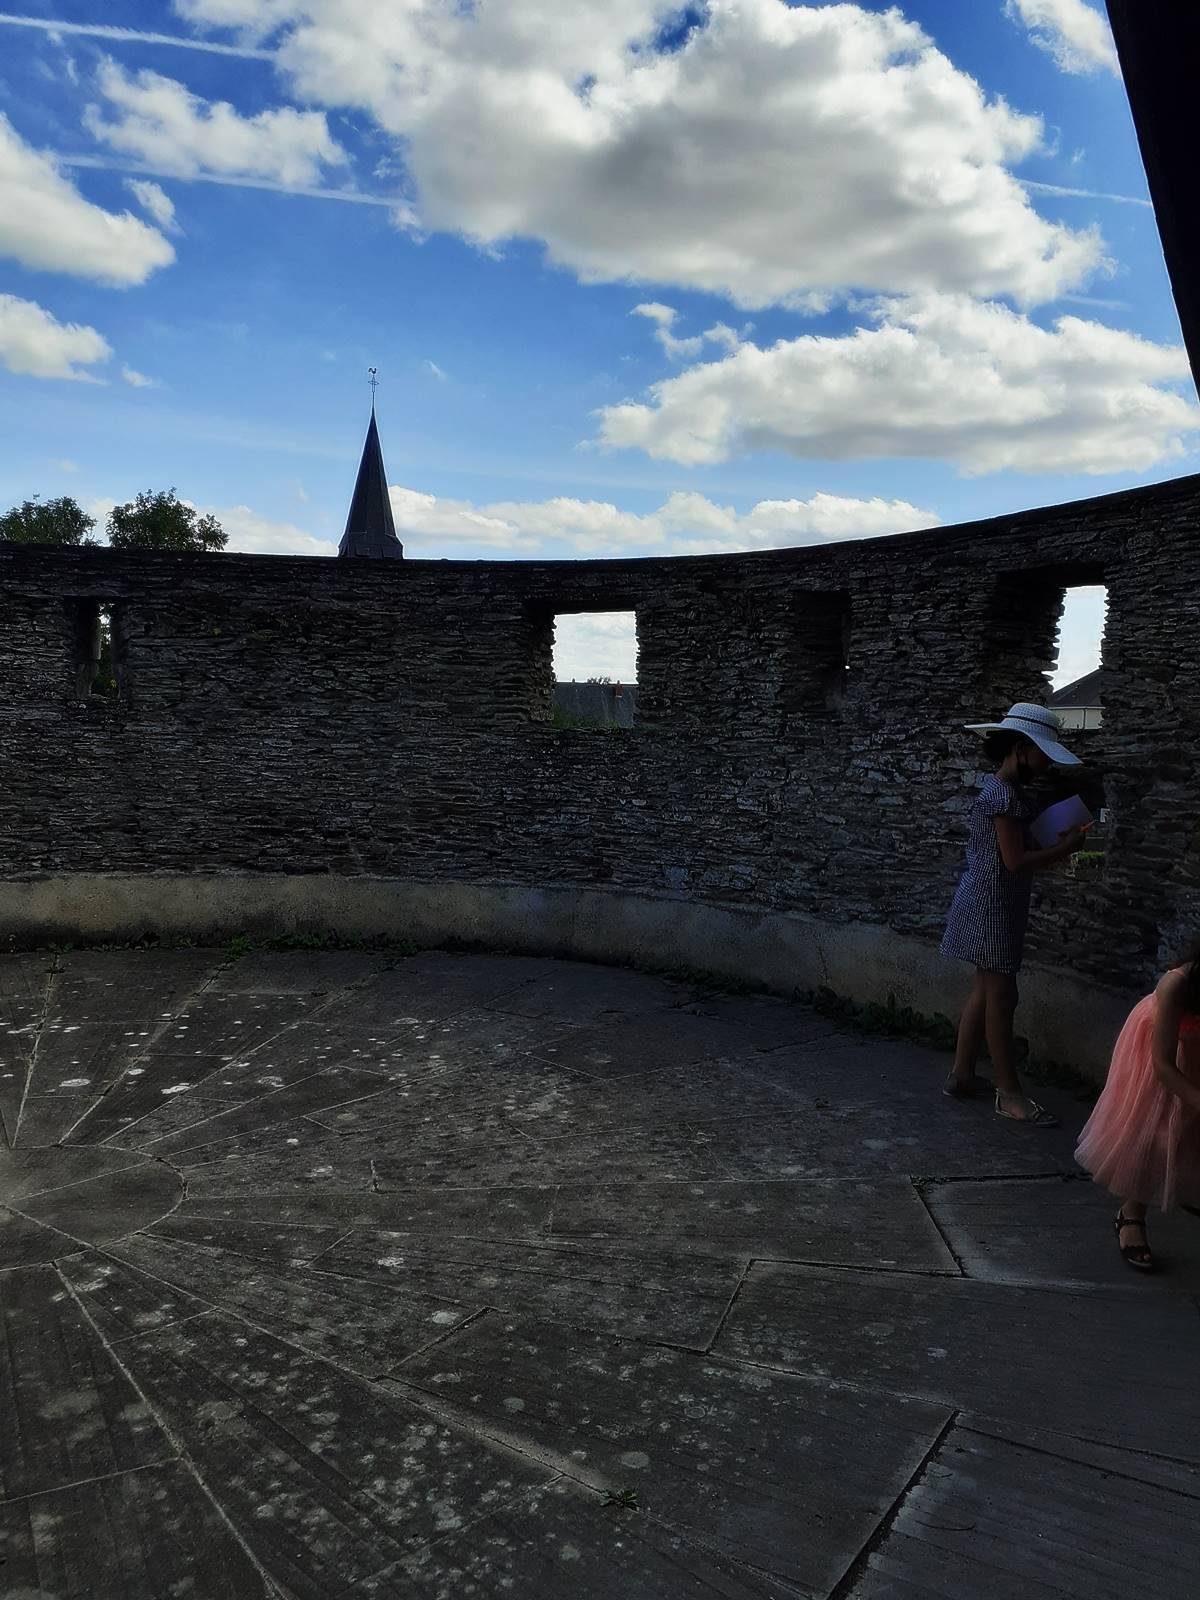 Chateau plessis mace maine loire gratuit20200801 151550